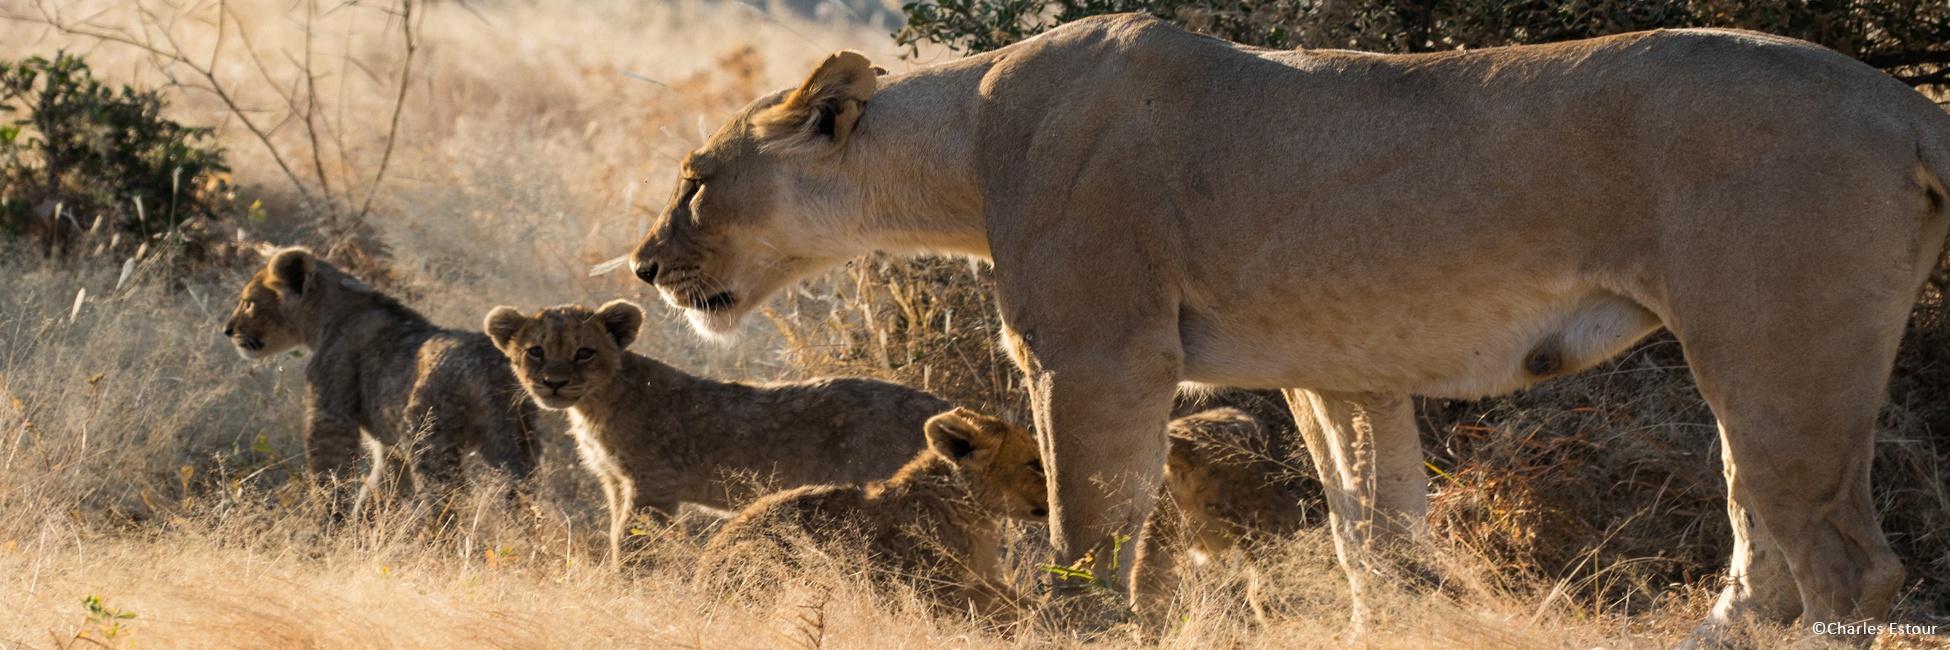 Lions d'Afrique Australe